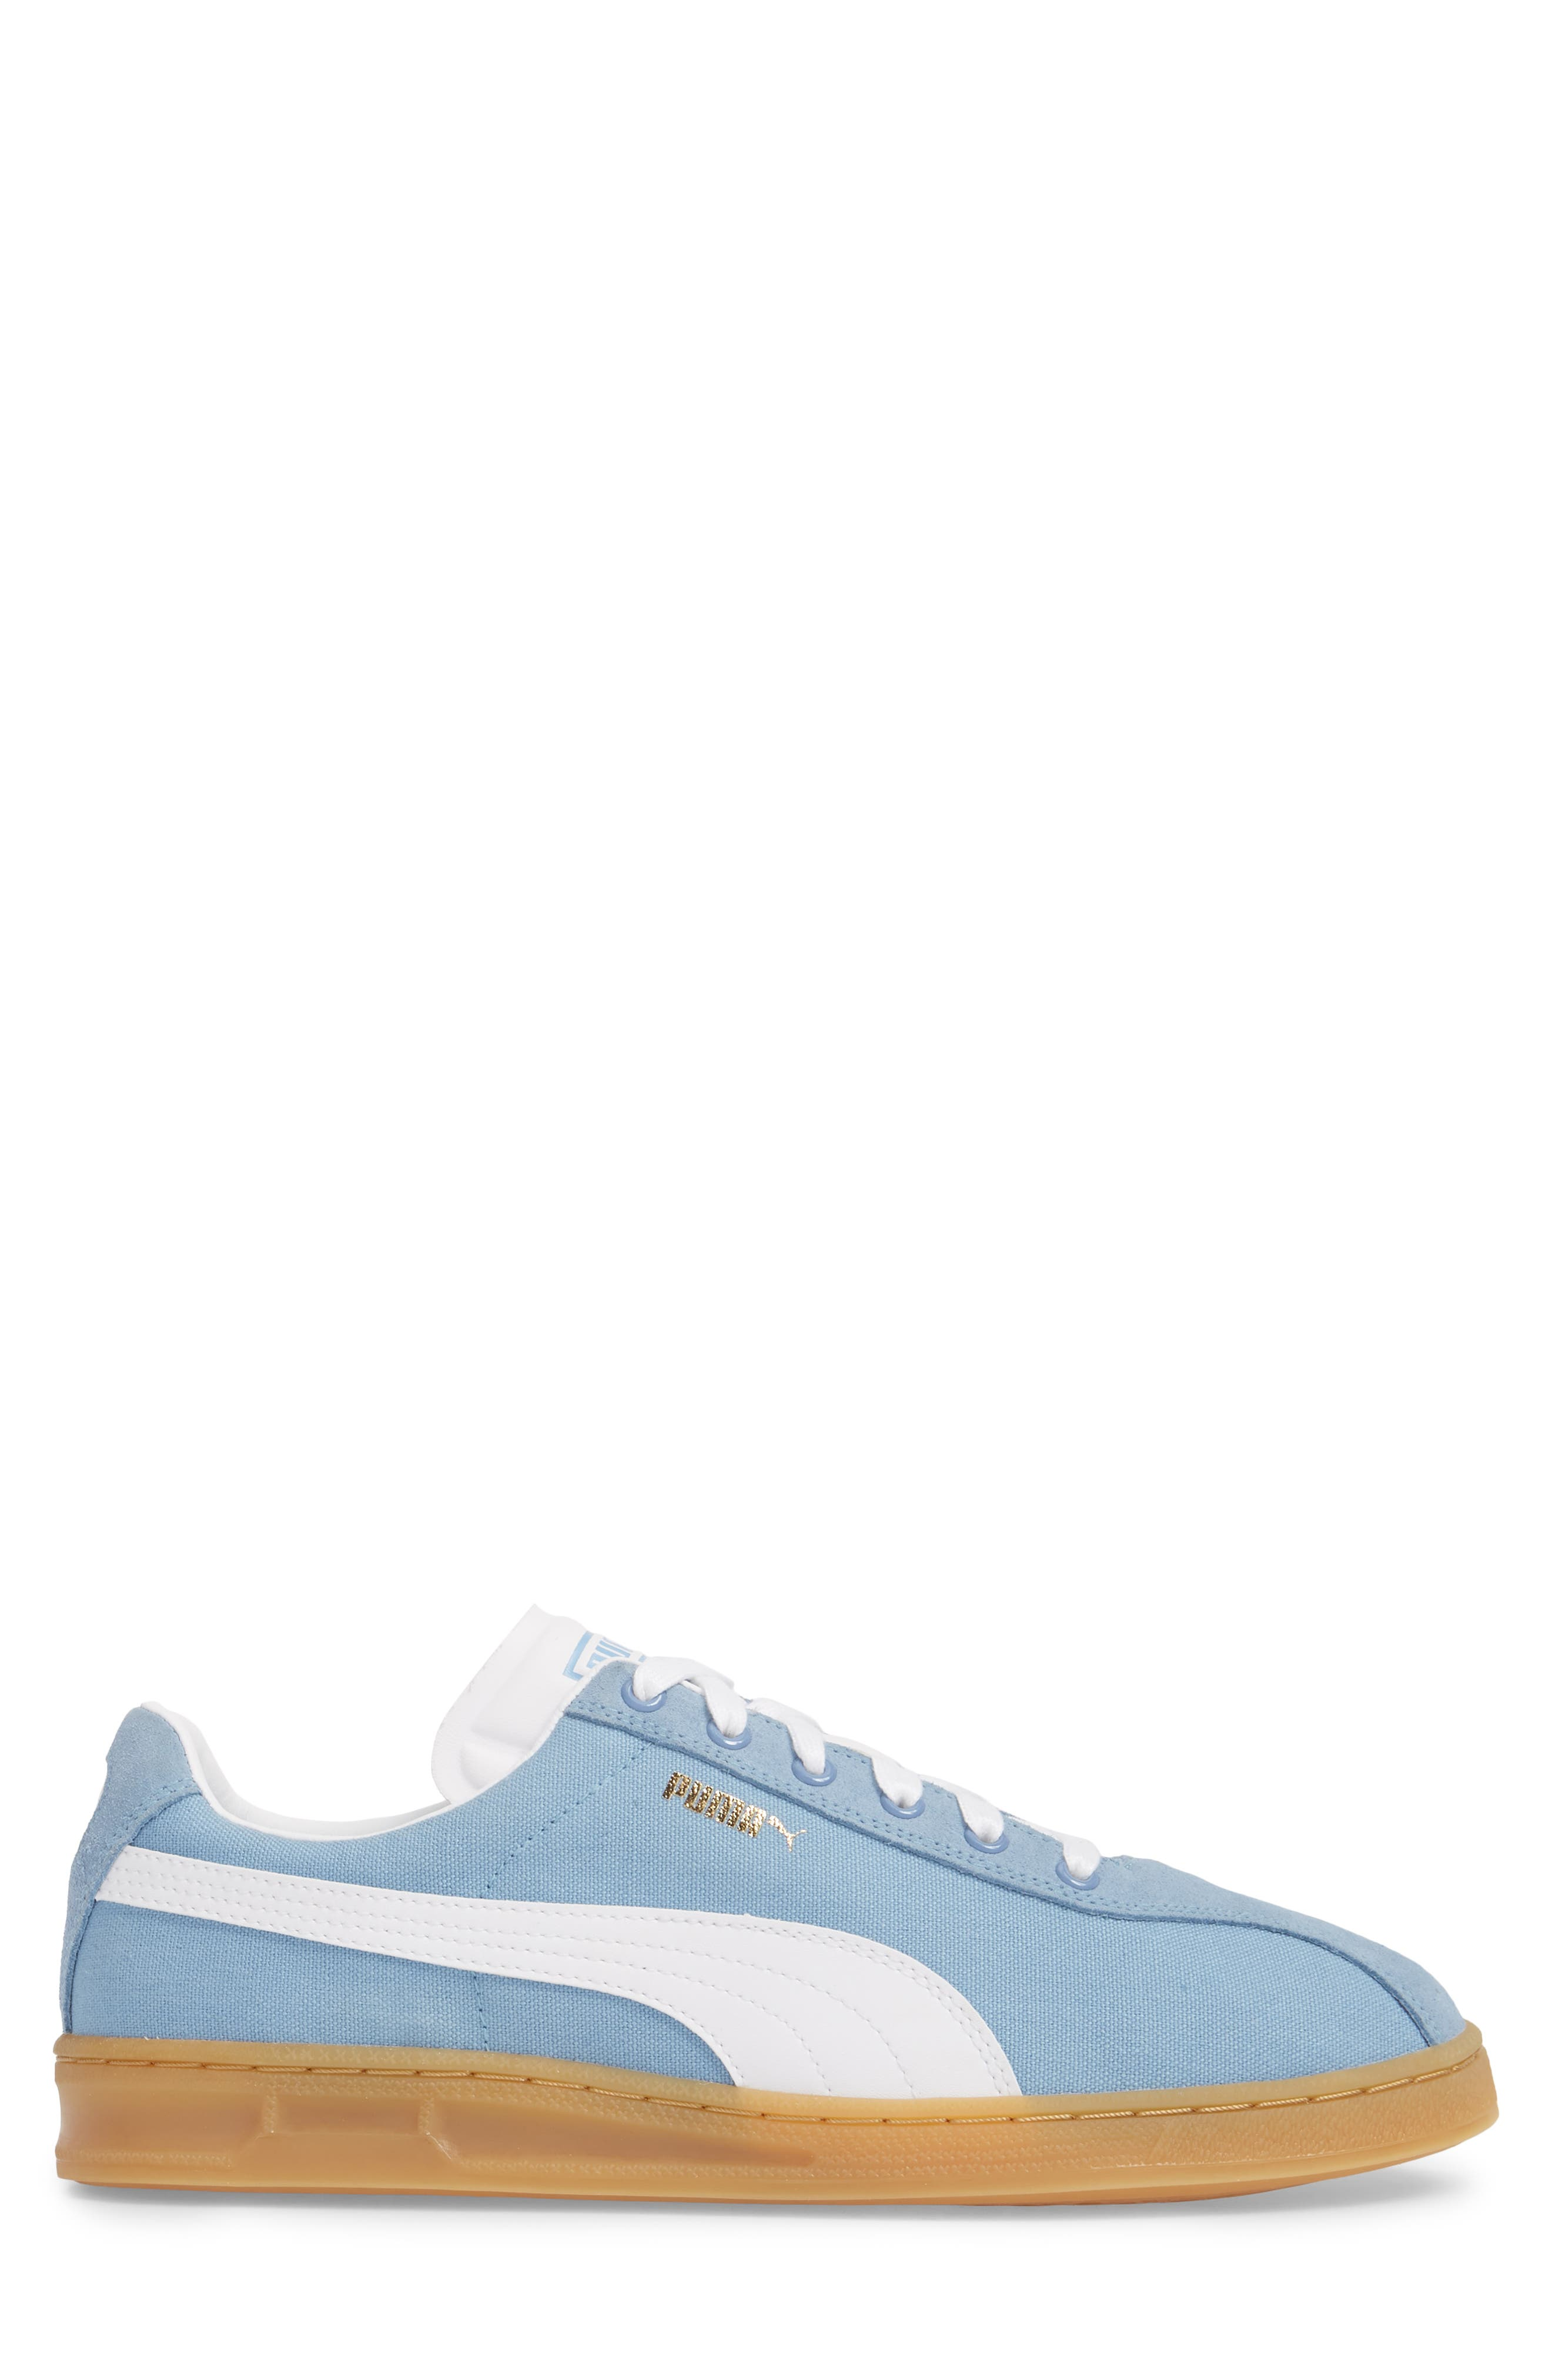 TK Indoor Summer Sneaker,                             Alternate thumbnail 3, color,                             Allure/ White